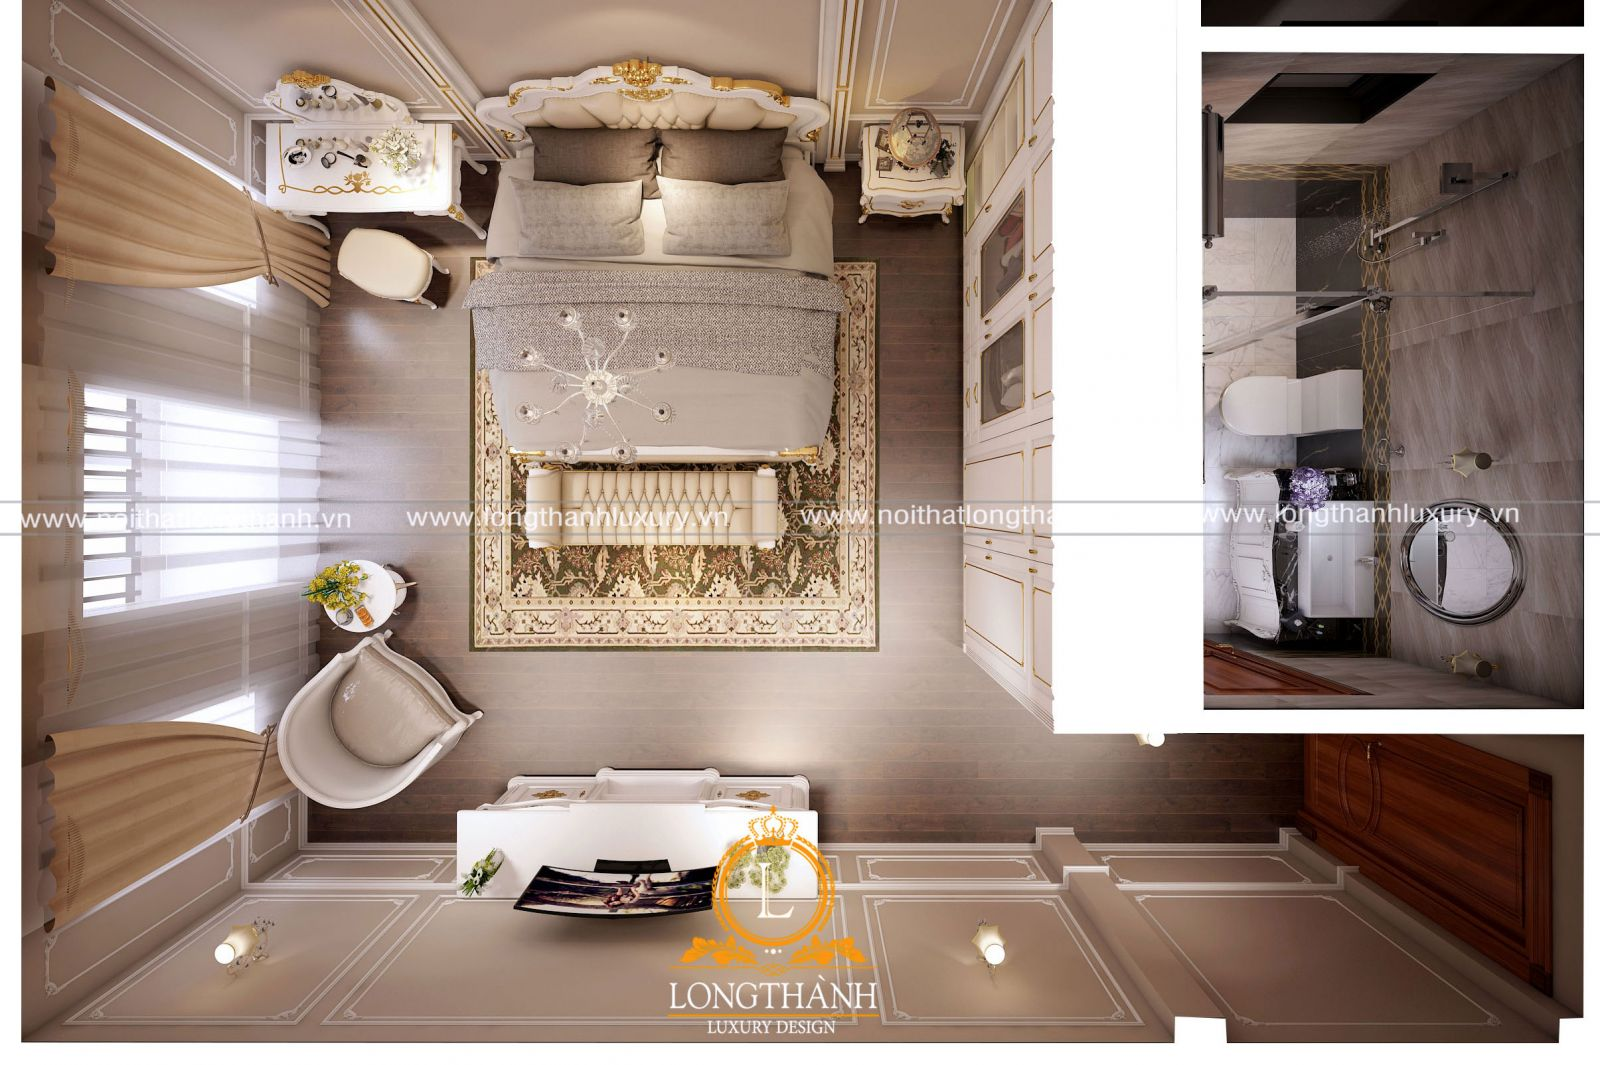 Ý tưởng phân chia mặt bằng và bố trí nội thất phòng ngủ 20m2